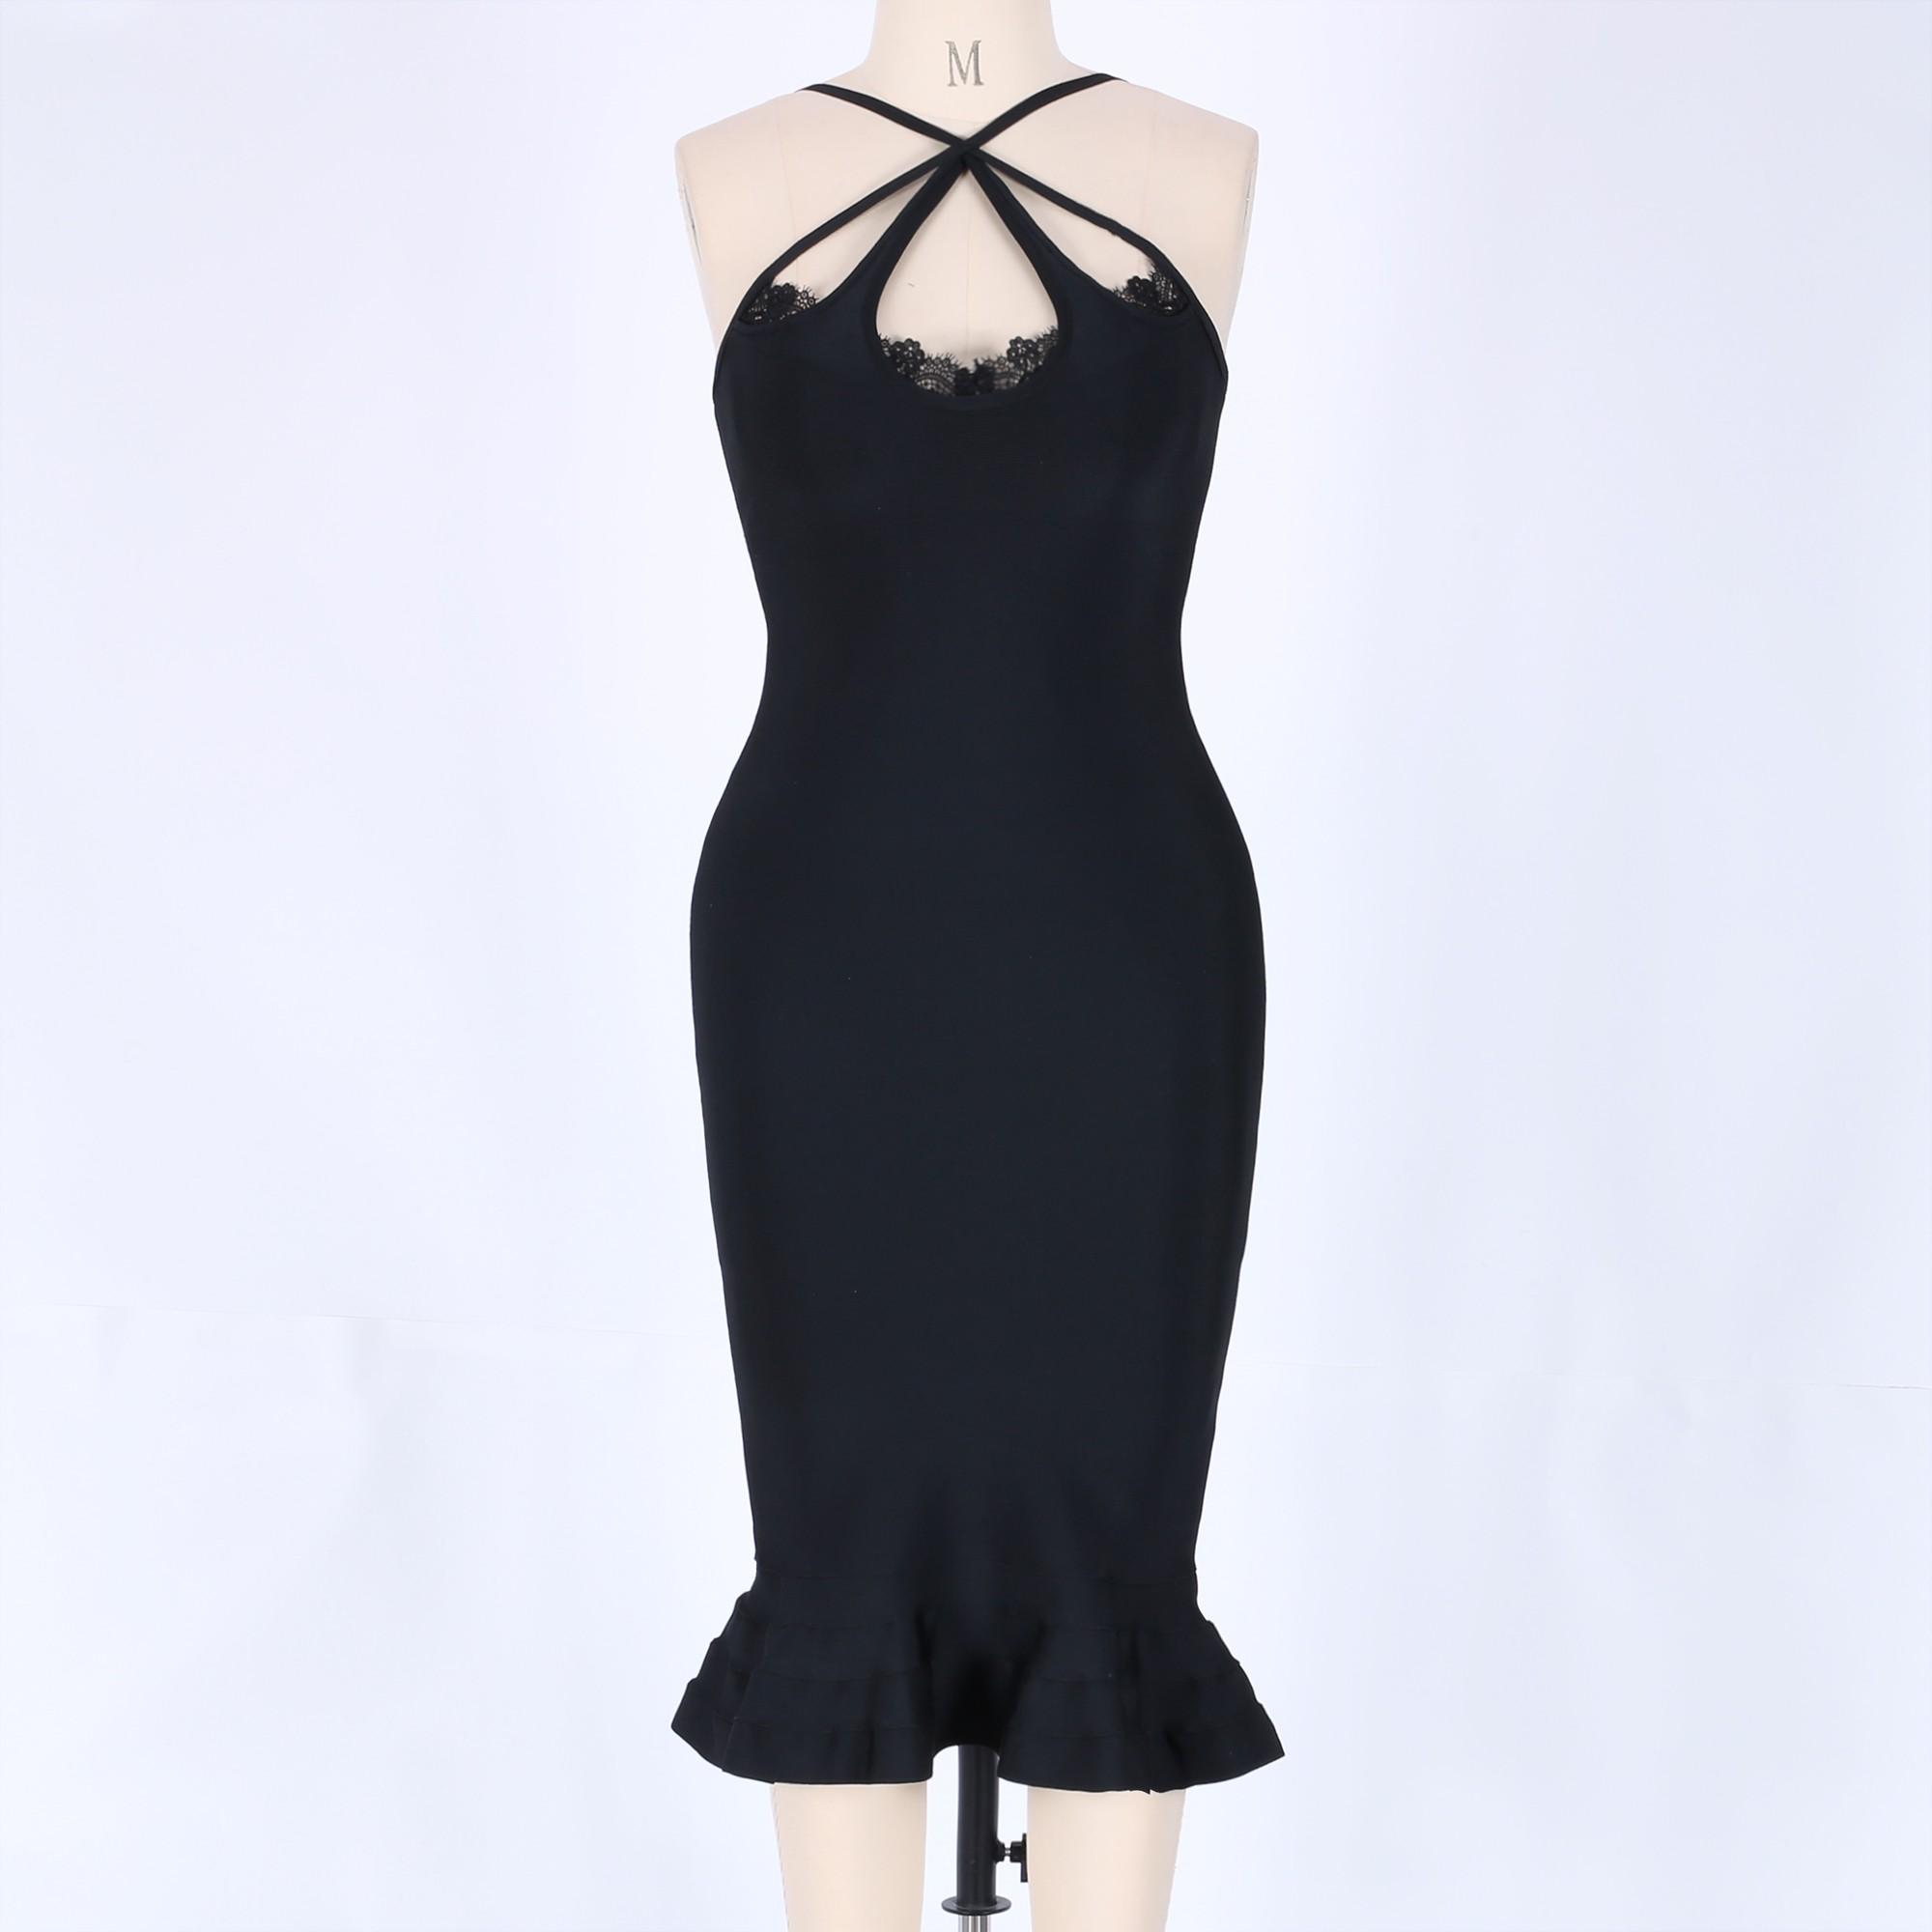 Black Halter Sleeveless Over Knee Lace Ruffle Evening Bandage Dress HB5324-Black